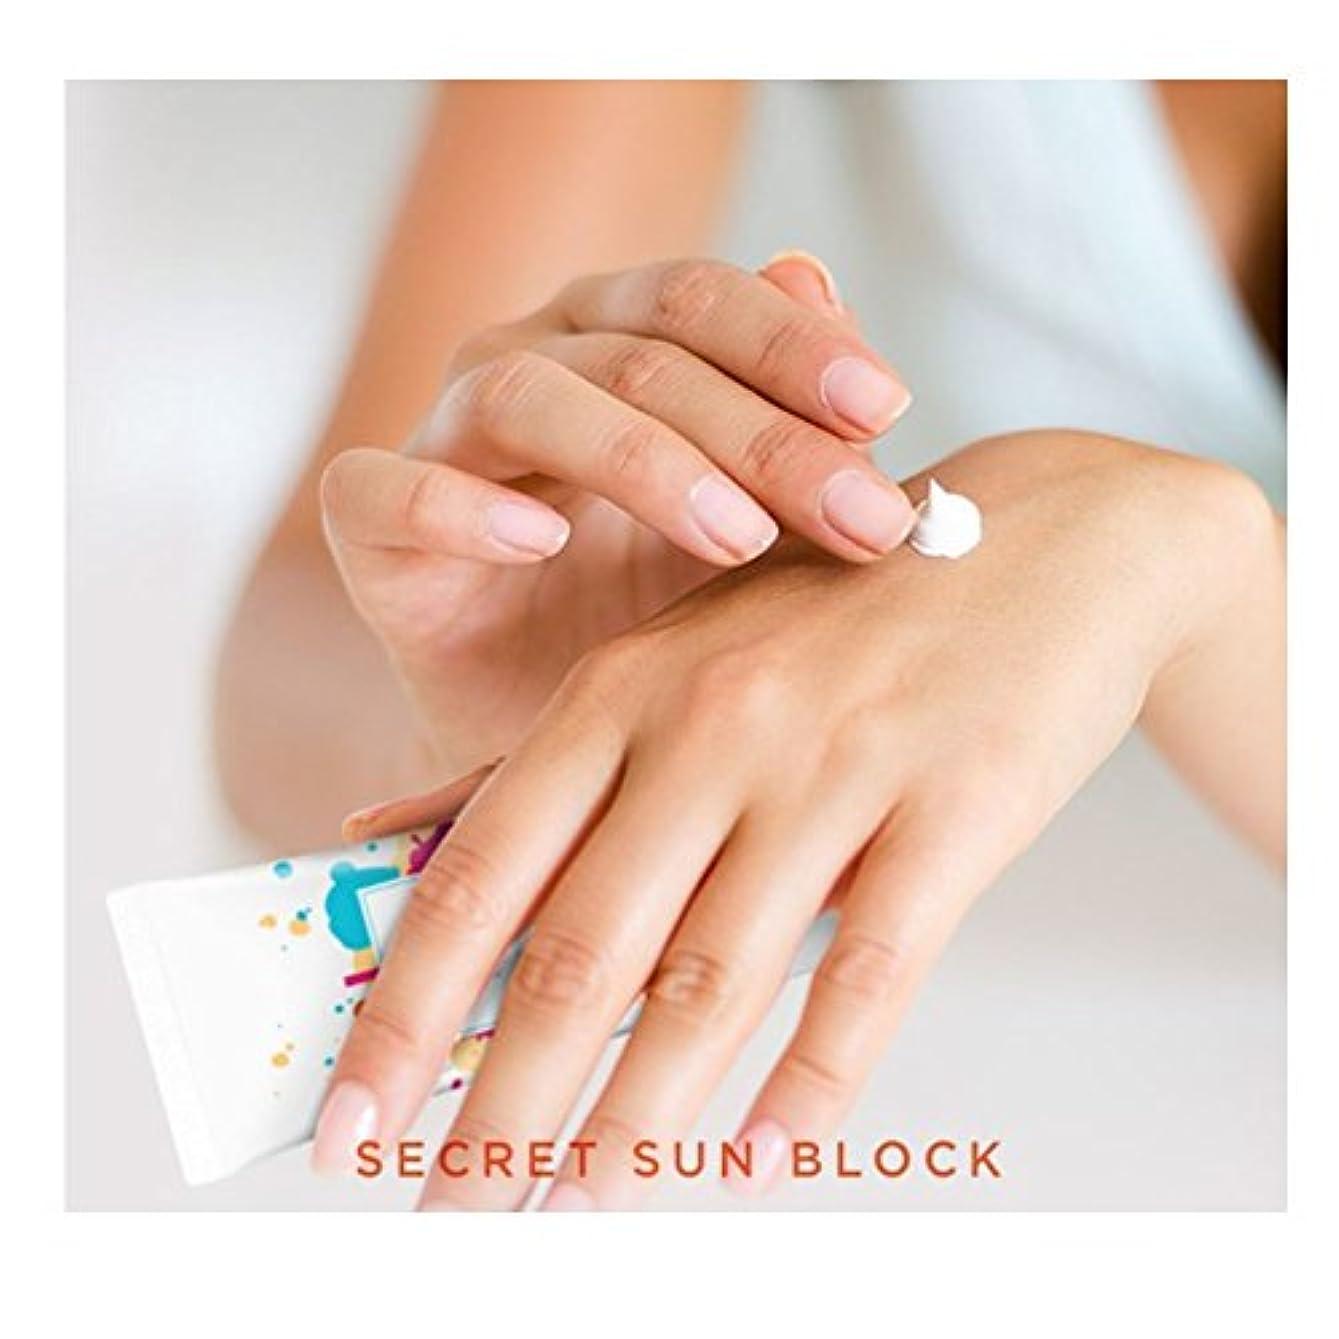 盆利得並外れてボンツリーベリー?エッセンス?サンブルロク(SPF50+/PA+++) 50ml x 2本セット サンクリーム 韓国コスメ, Borntree Berry Essence Sun Block (SPF50+/PA+++)...